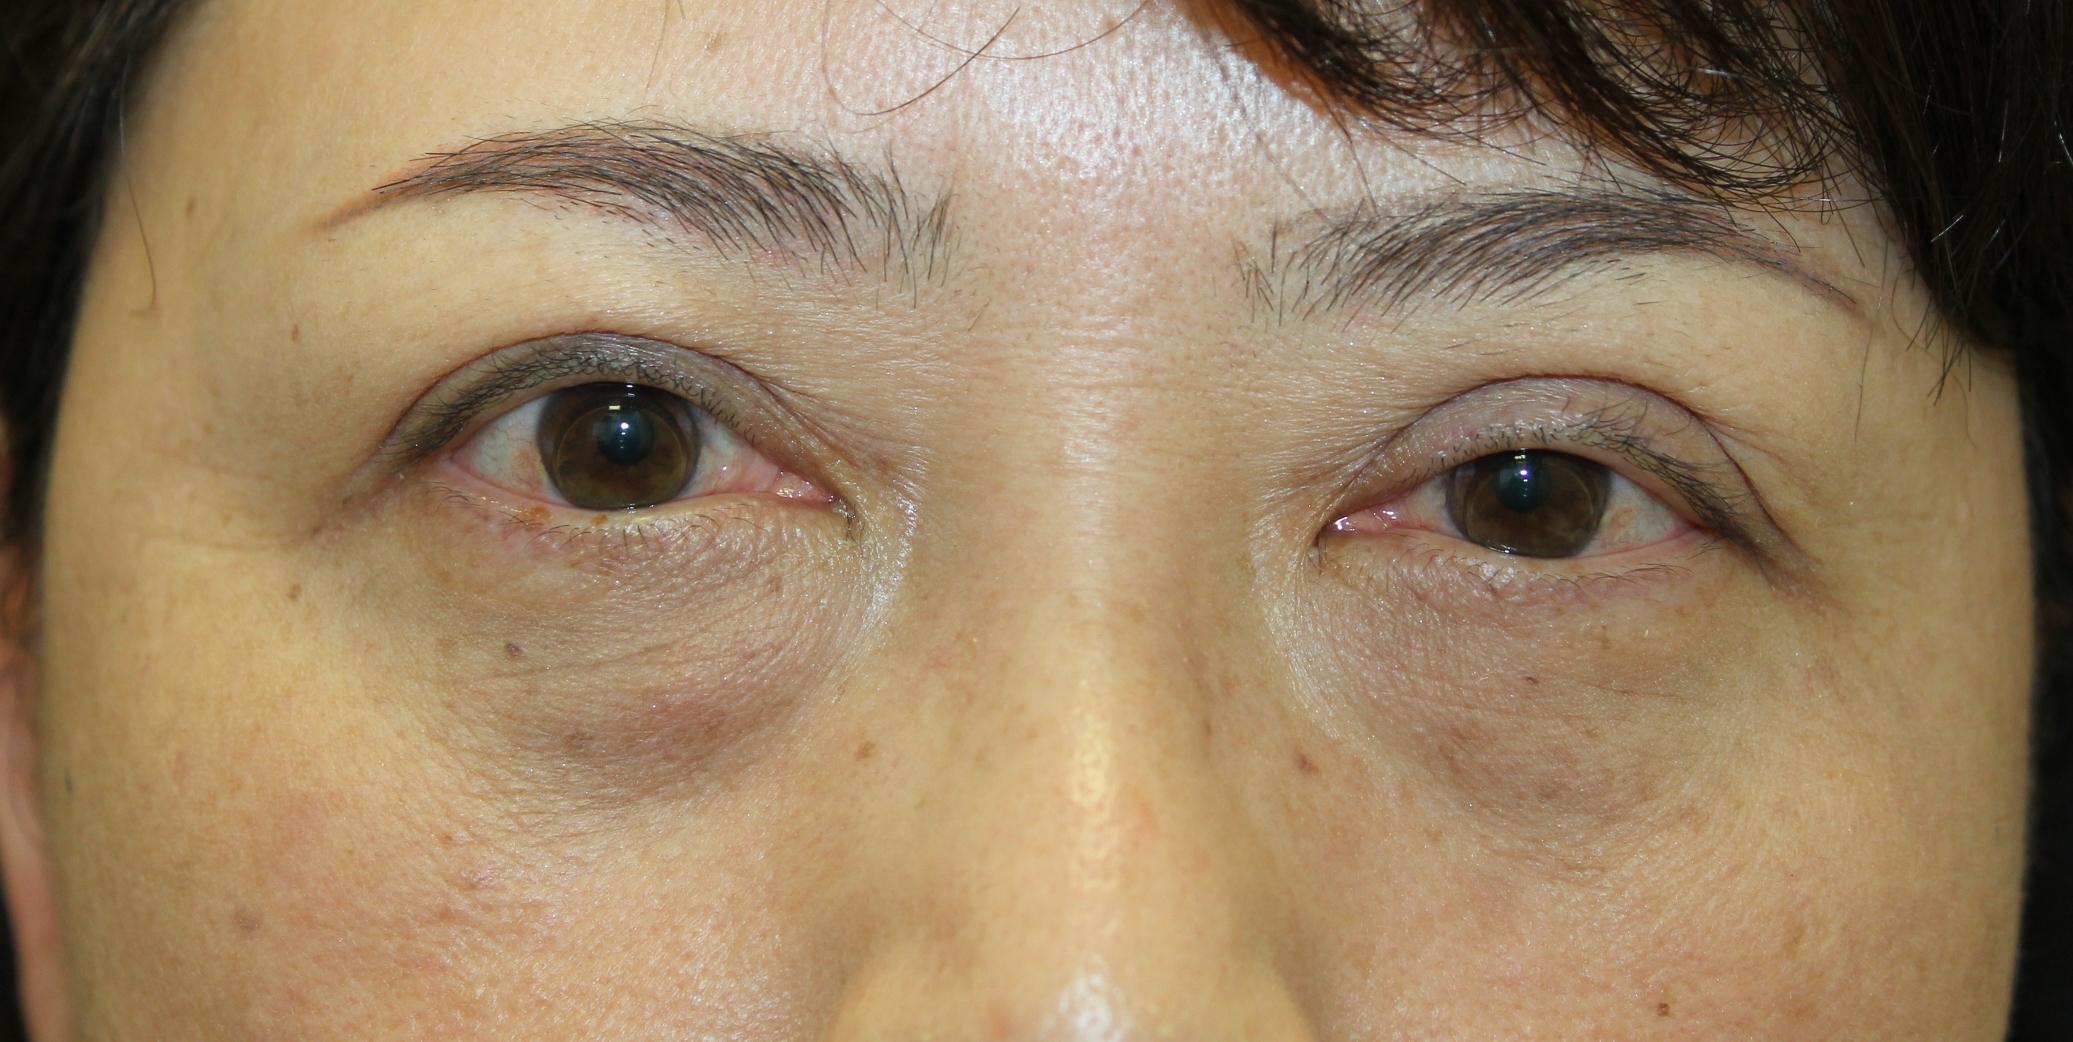 名古屋市内の総合病院形成外科で眼瞼下垂手術を受けられました。 左の瞼が上がらないと。